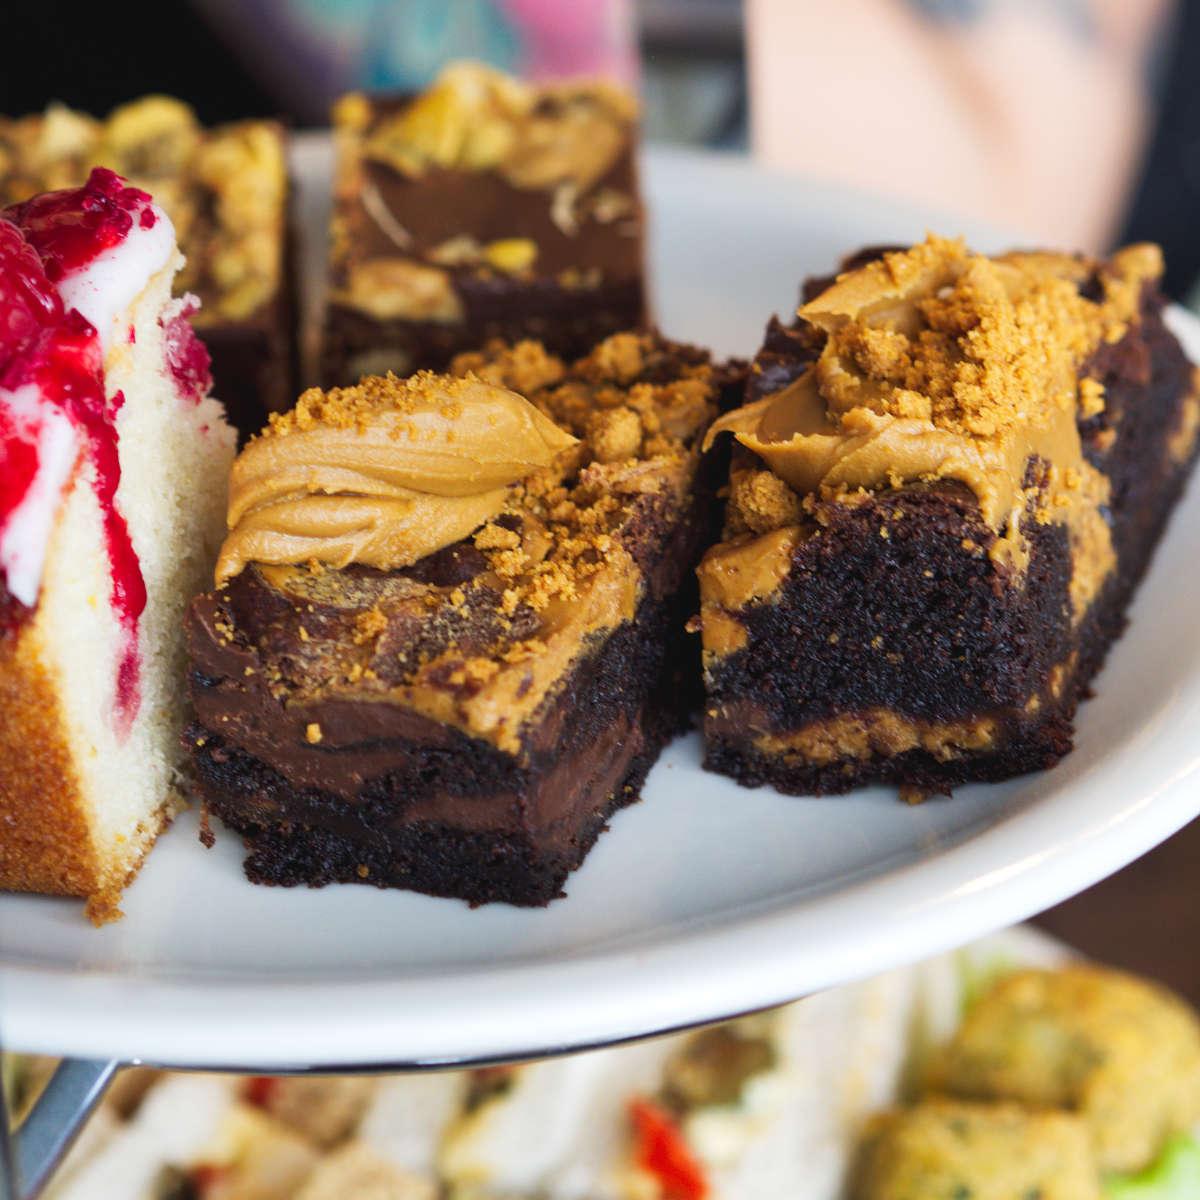 Vegan biscoff cake at Mimi's Bakehouse, Edinburgh